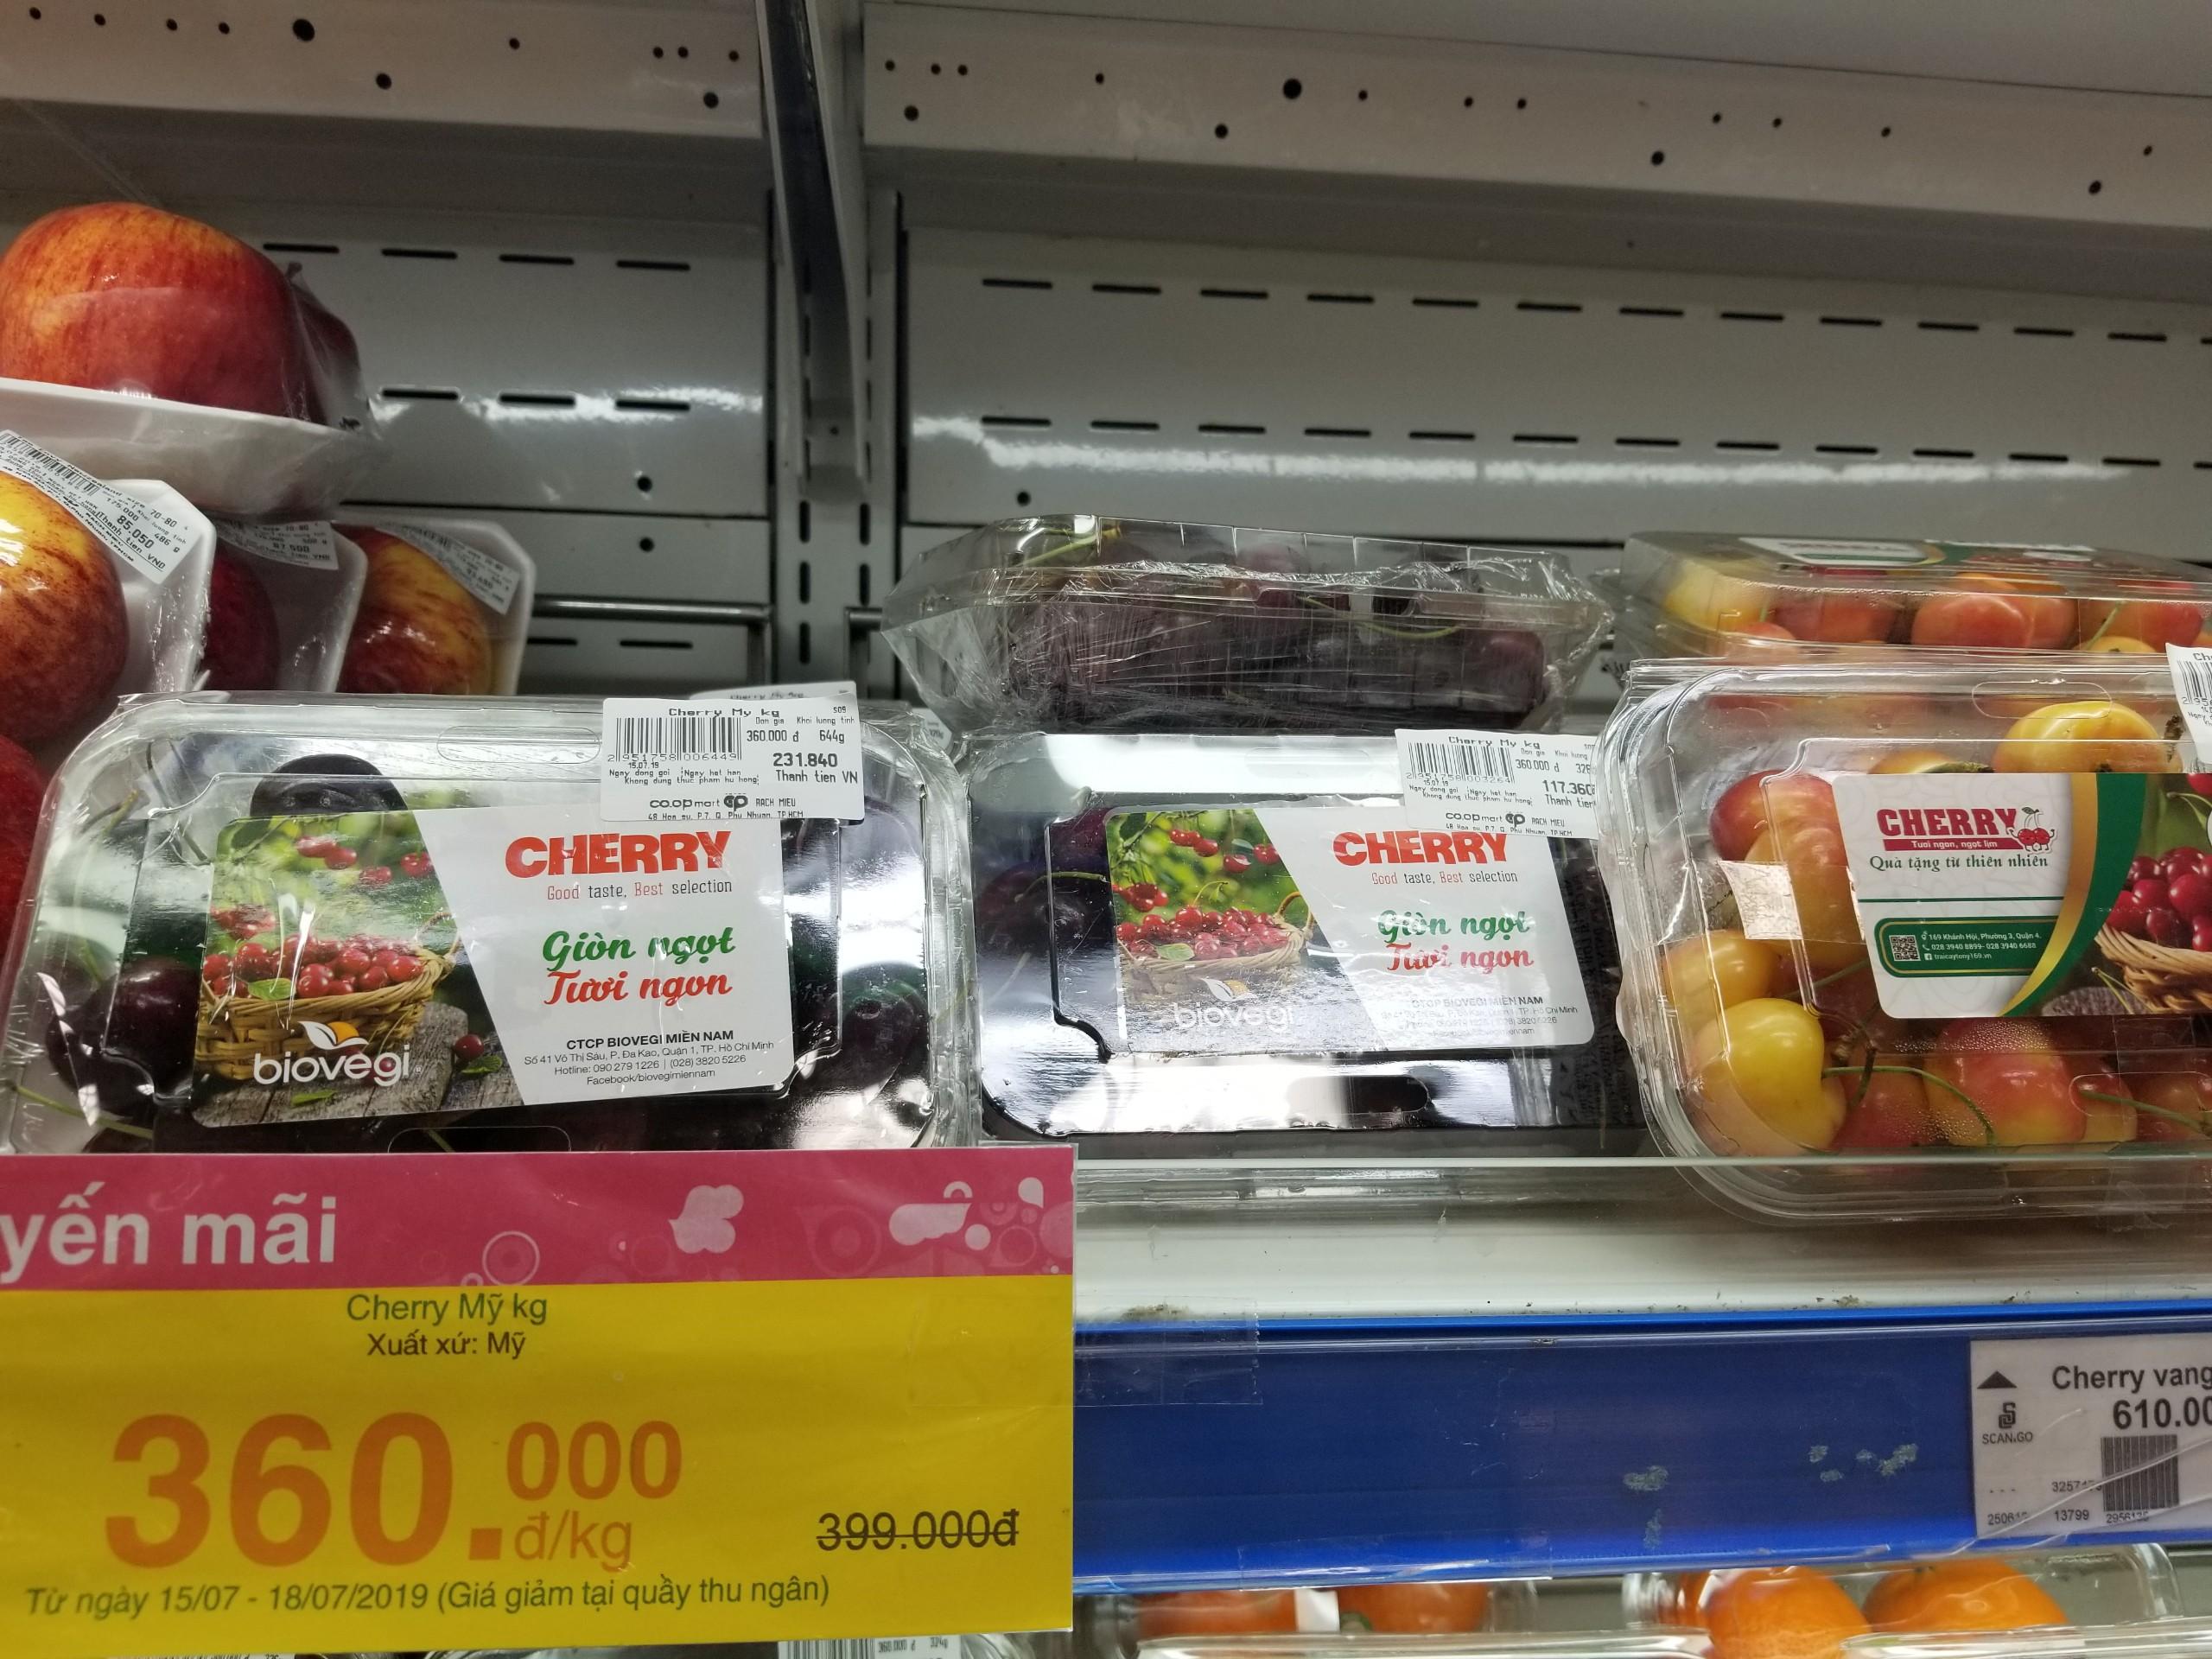 Cherry tại siêu thị Coopmart Rạch Miễu được bán với giá 360 ngàn đồng/kg. Ảnh: PV